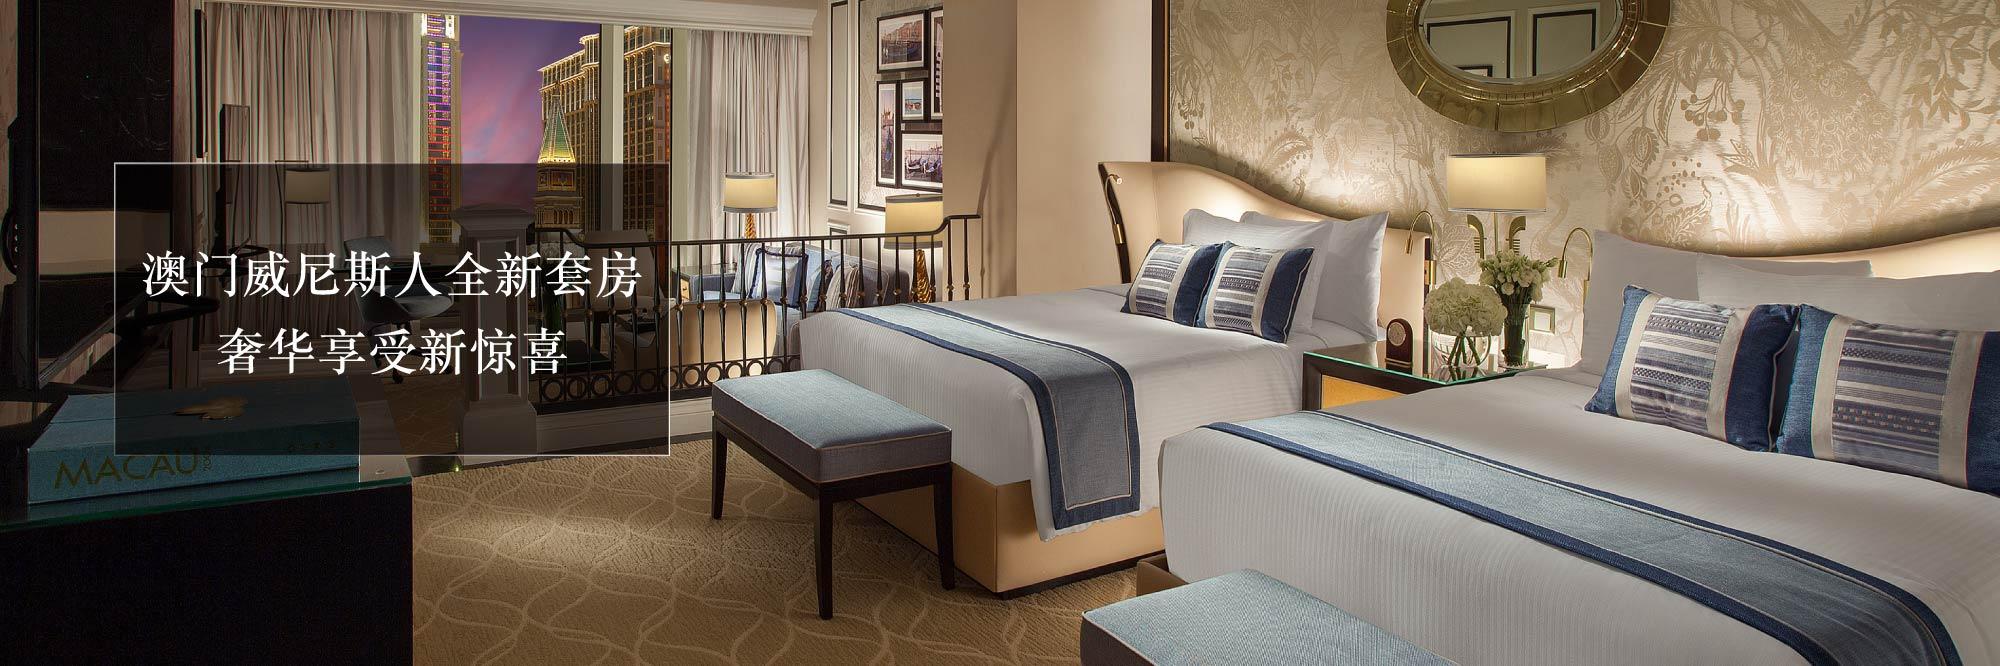 澳门威尼斯人全新惊喜套房 https://www.sandsresortsmacao.cn/promotions/hotel/suite-experience.html